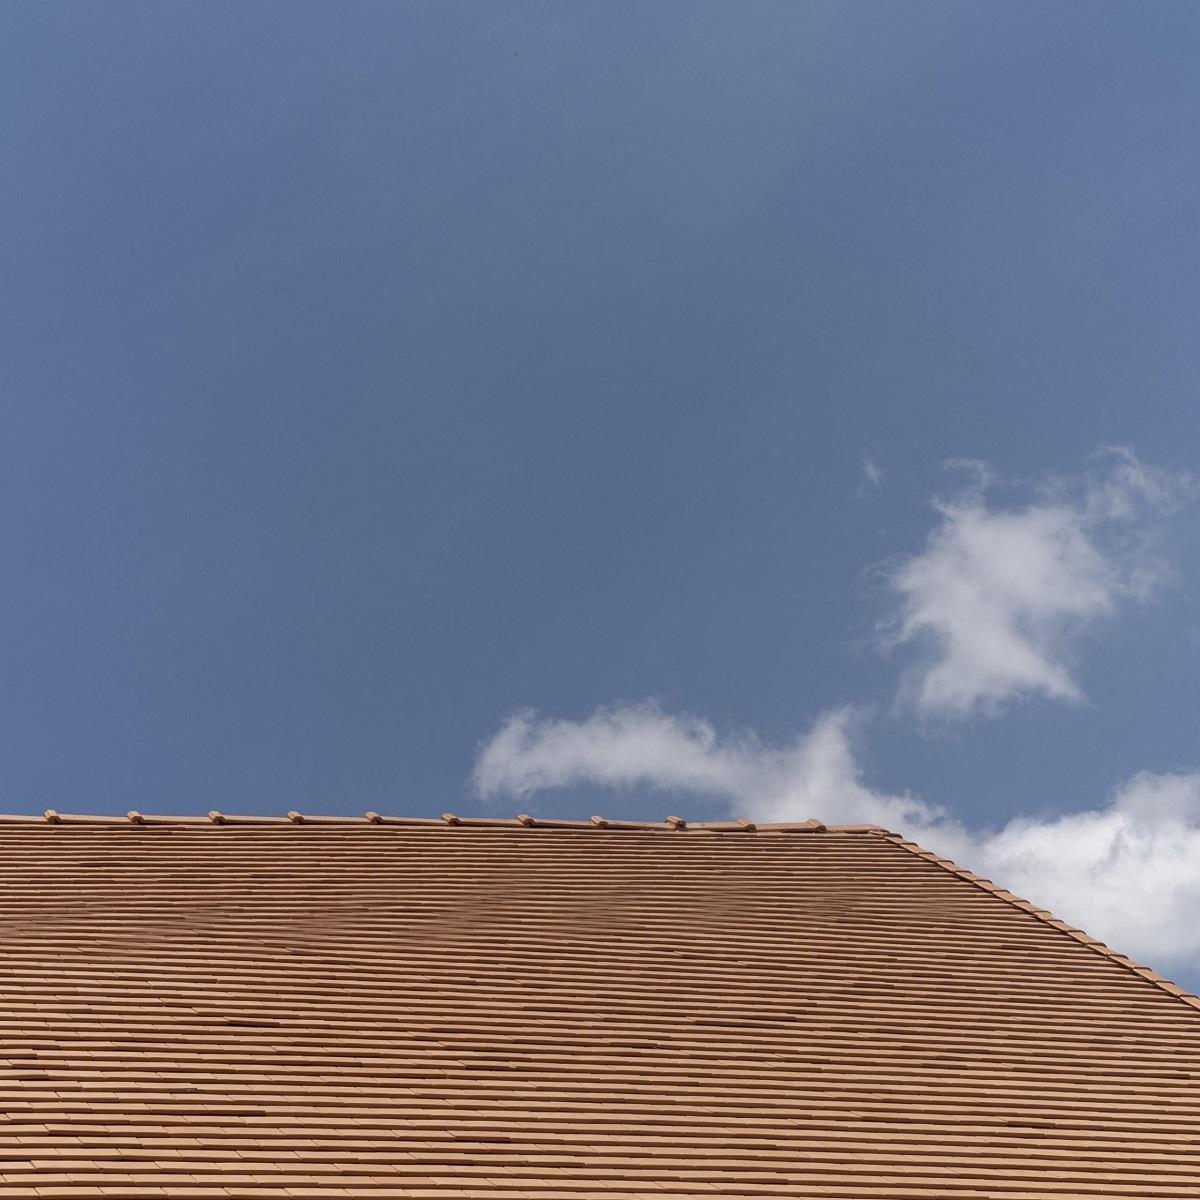 kienviet xuan anh house tan huong khong gian yen binh garchitects 4 - Nhà Xuân Anh - Tìm về chốn yên bình